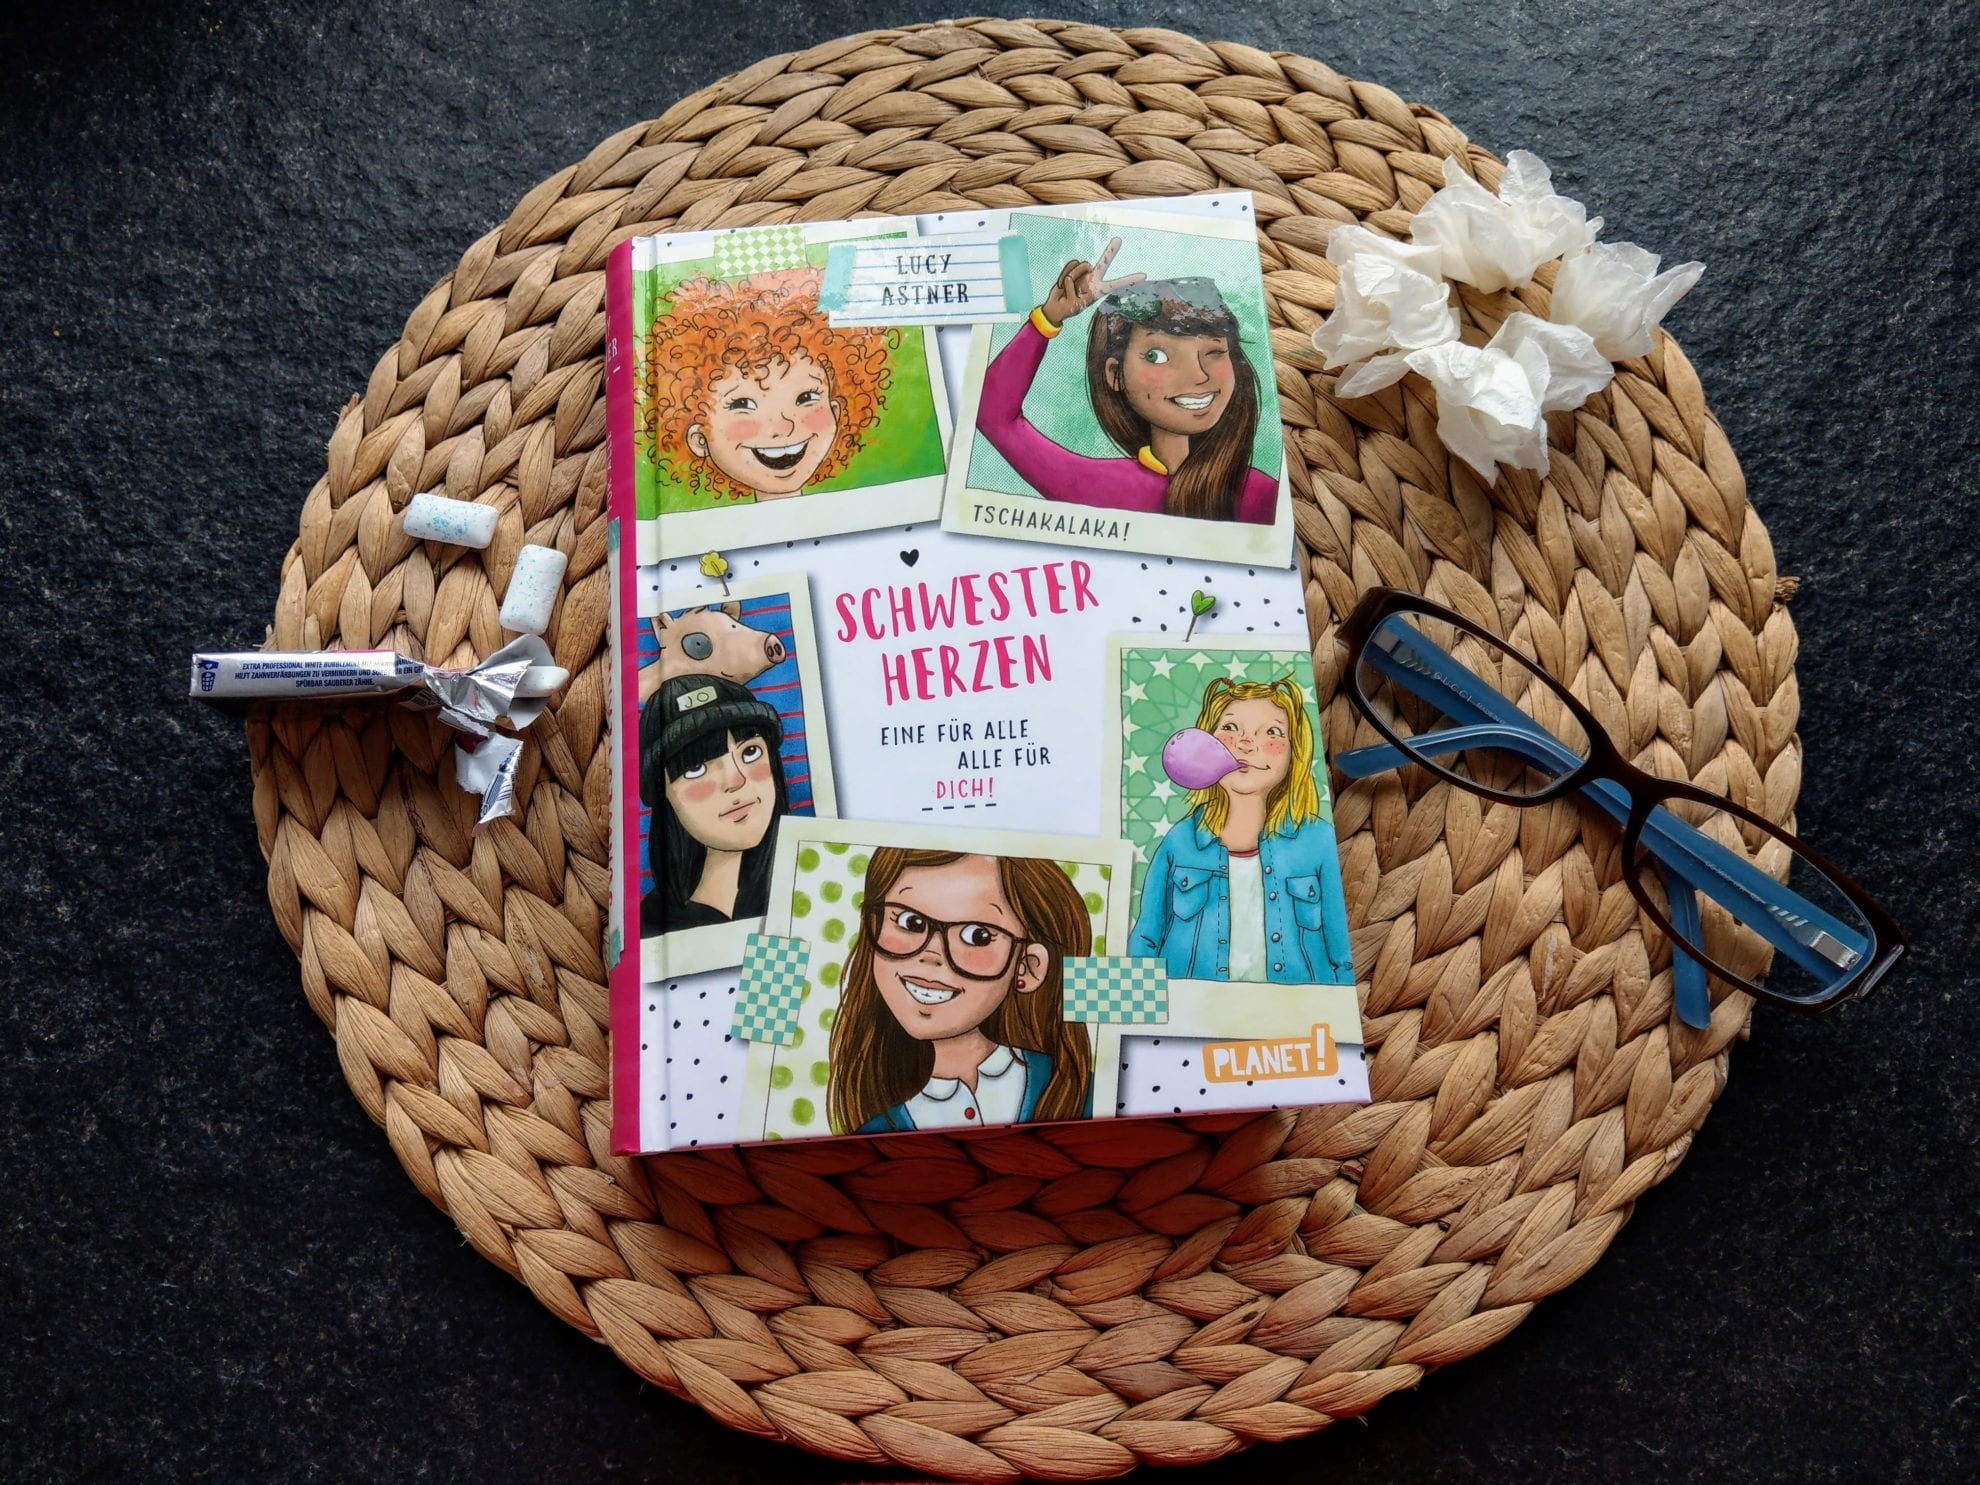 Kinderbuchtipp: Schwesterherzen - eine für alle, alle für Dich! Rezension, Verlosung